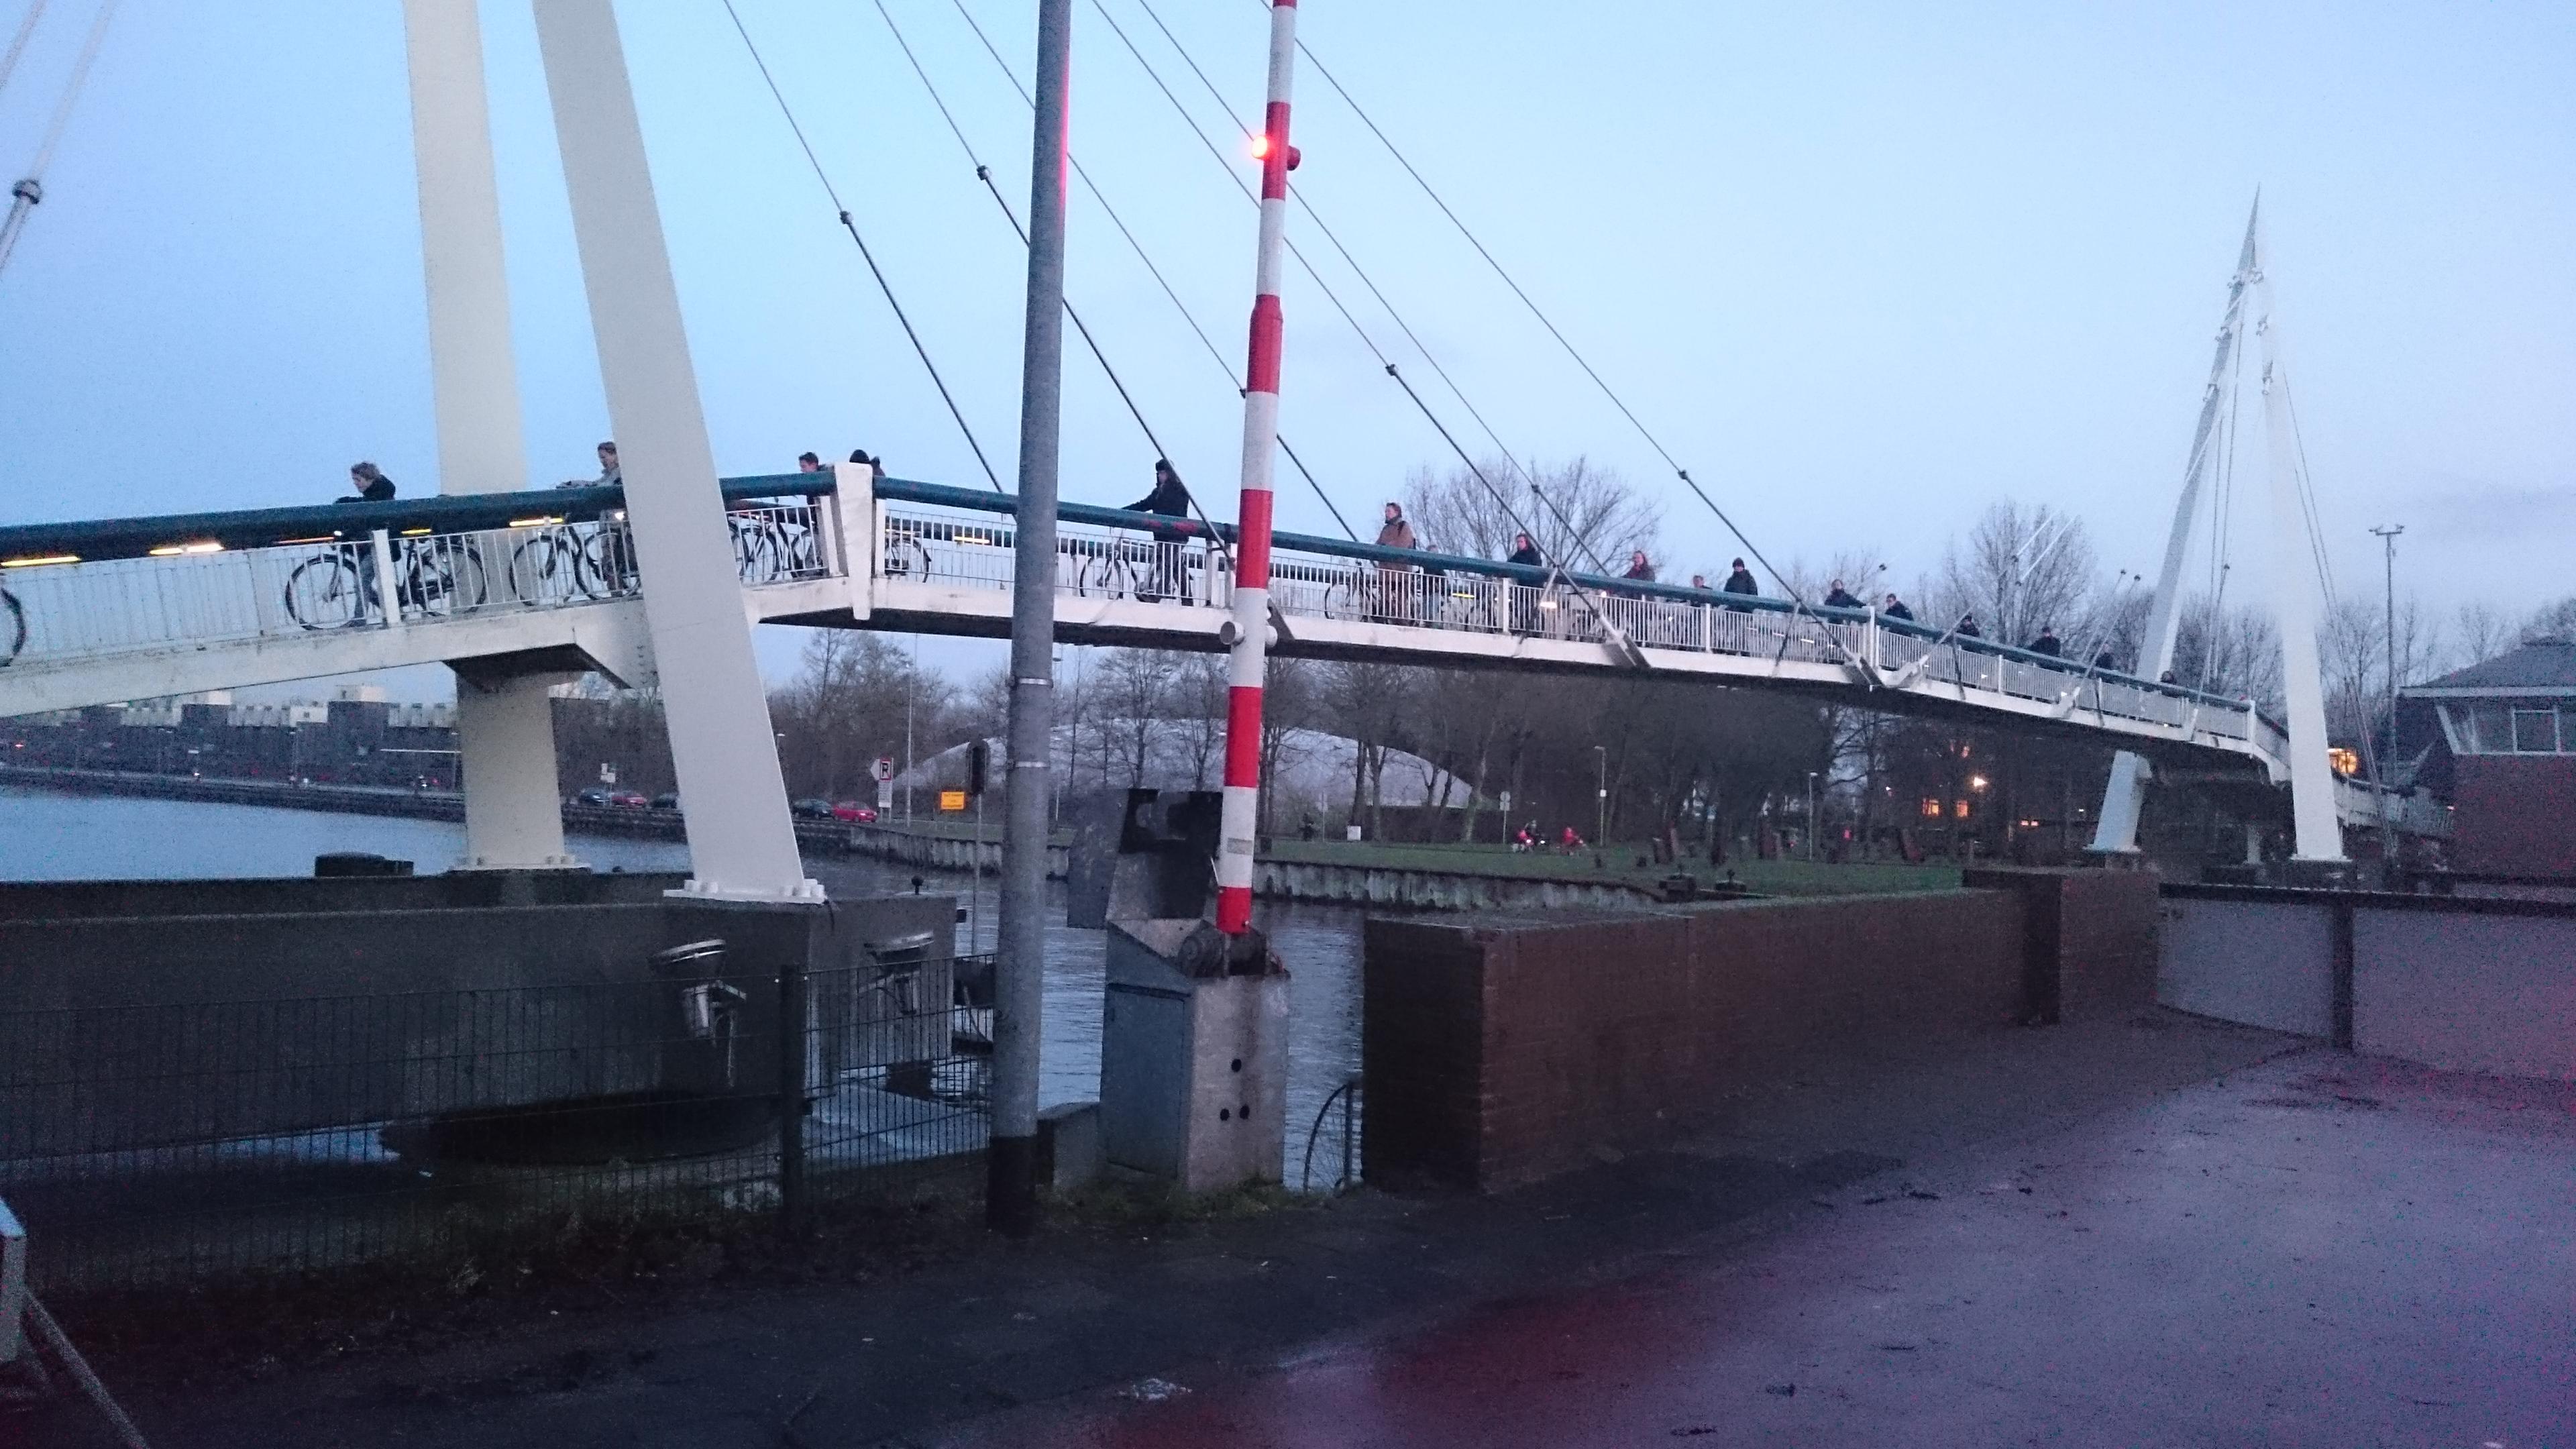 onderhoud reparatie gerrit krolbrug Groningen